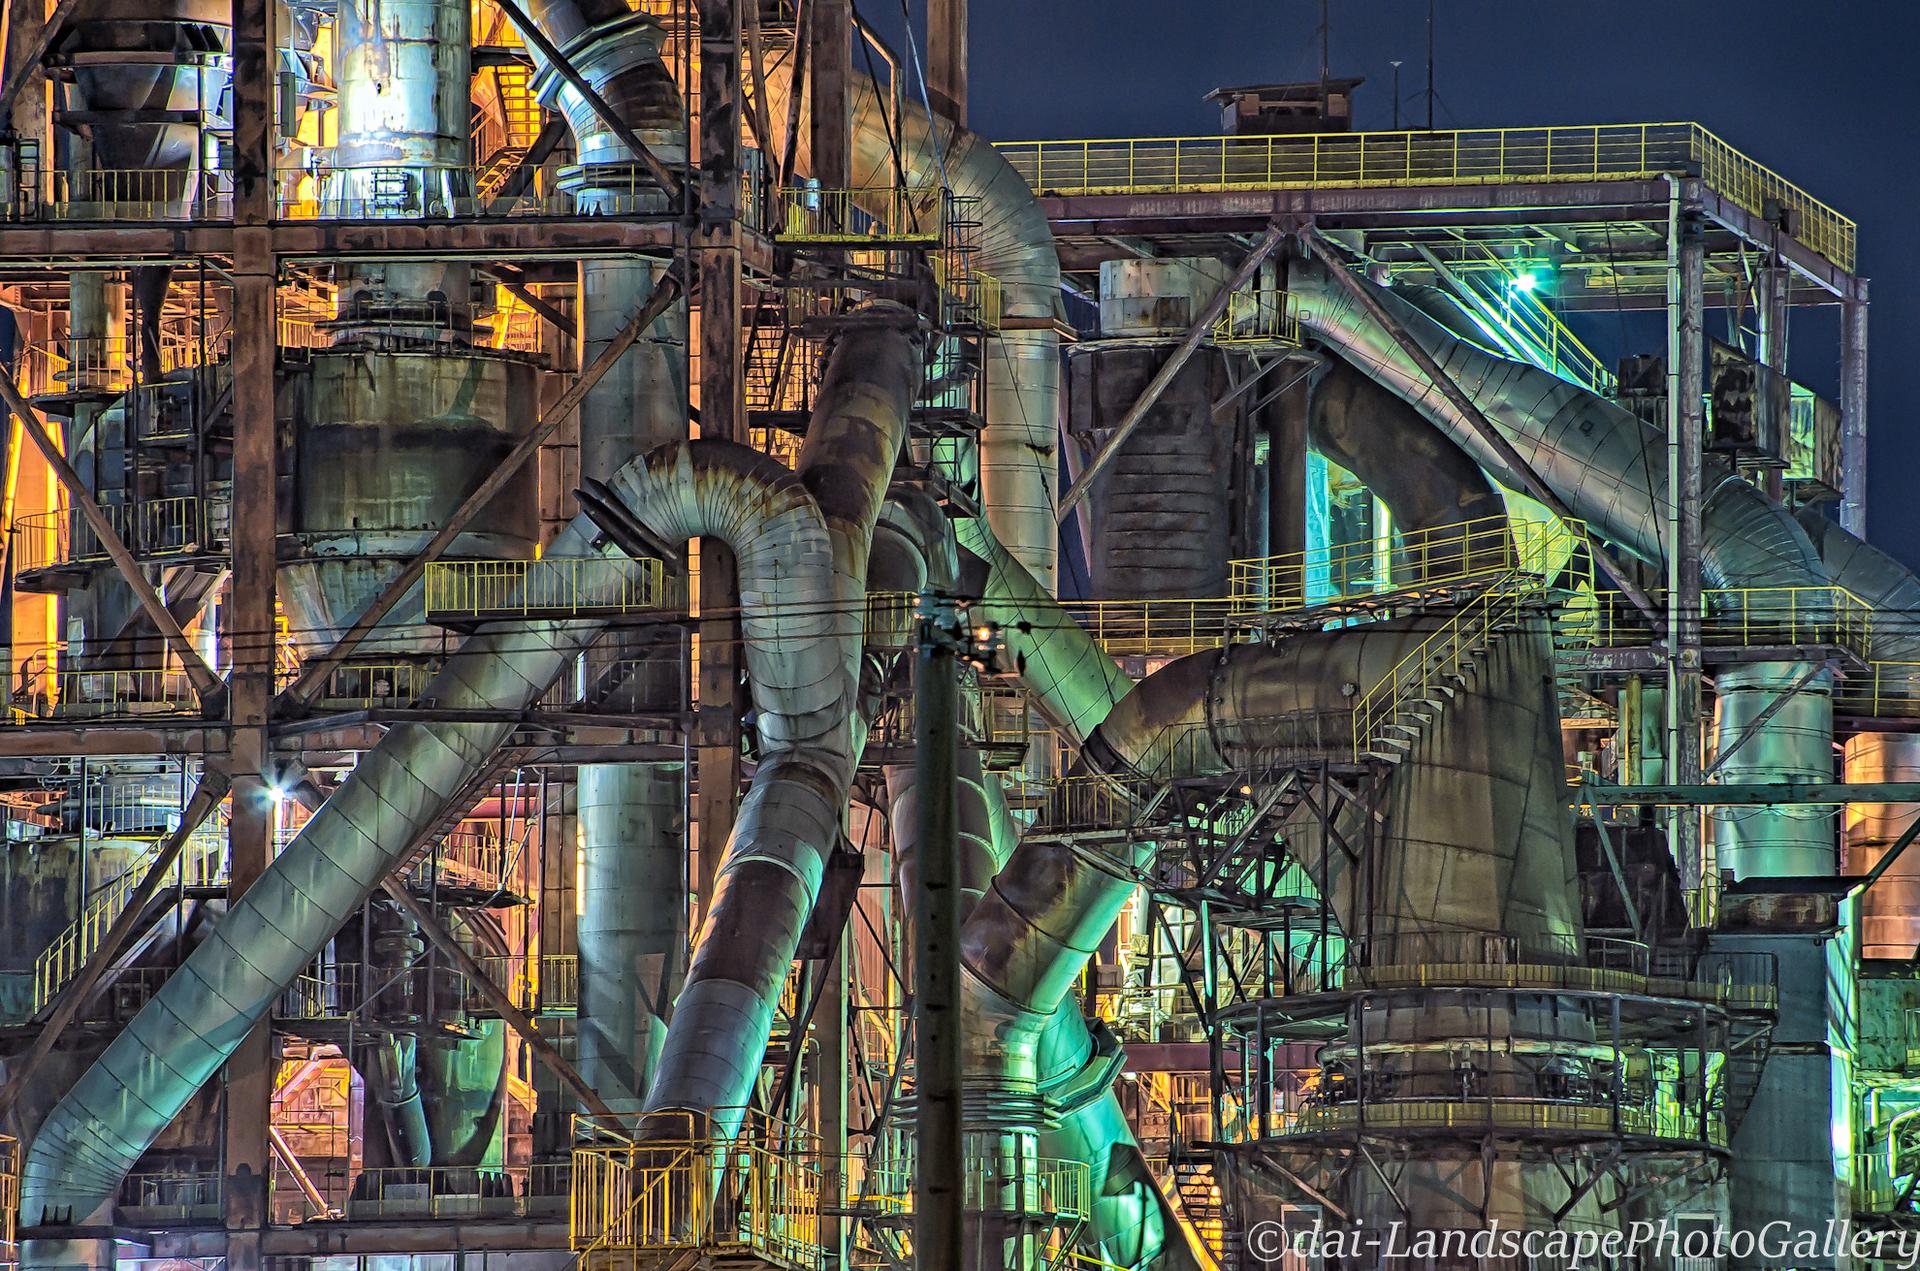 明星セメント工場夜景【HDRi】